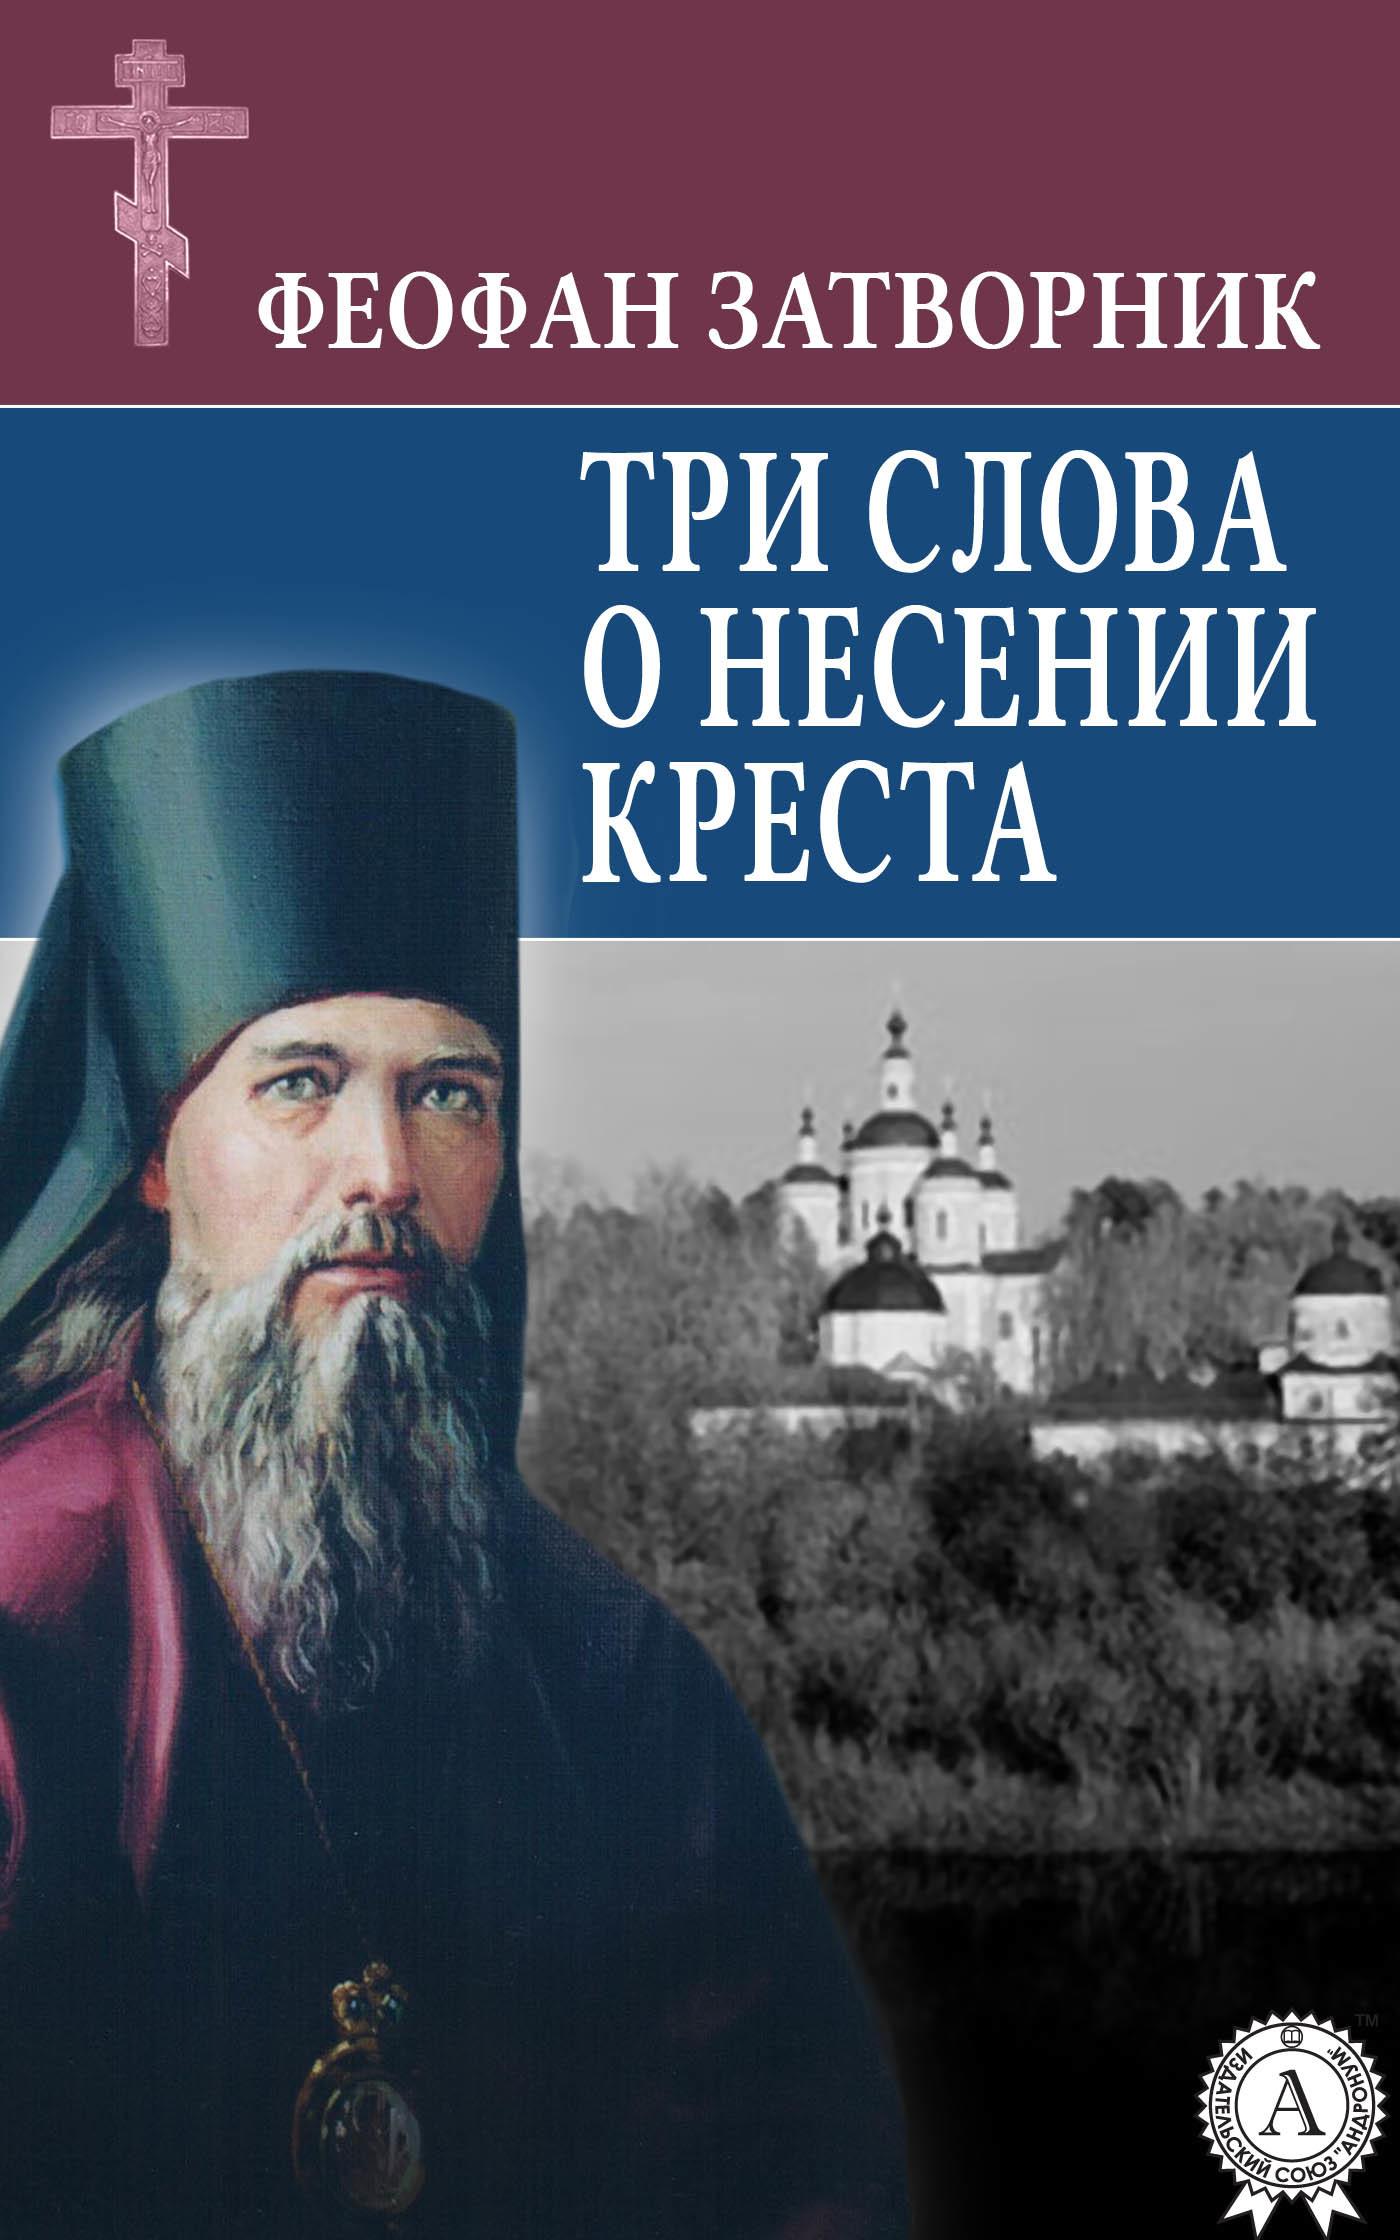 просто скачать Феофан Святитель Затворник бесплатная книга